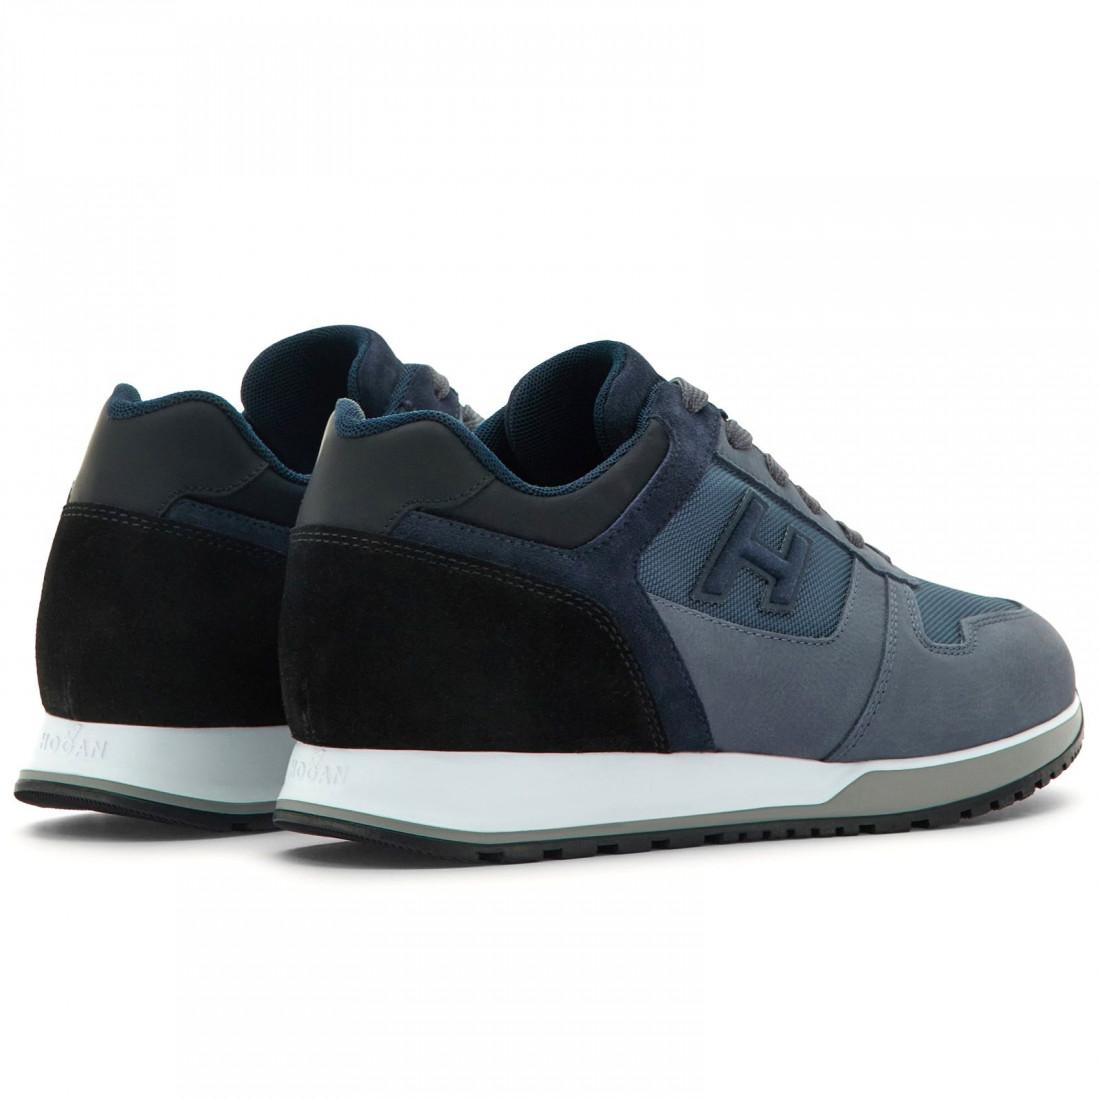 sneakers uomo hogan hxm3210y860p9s844z 8206